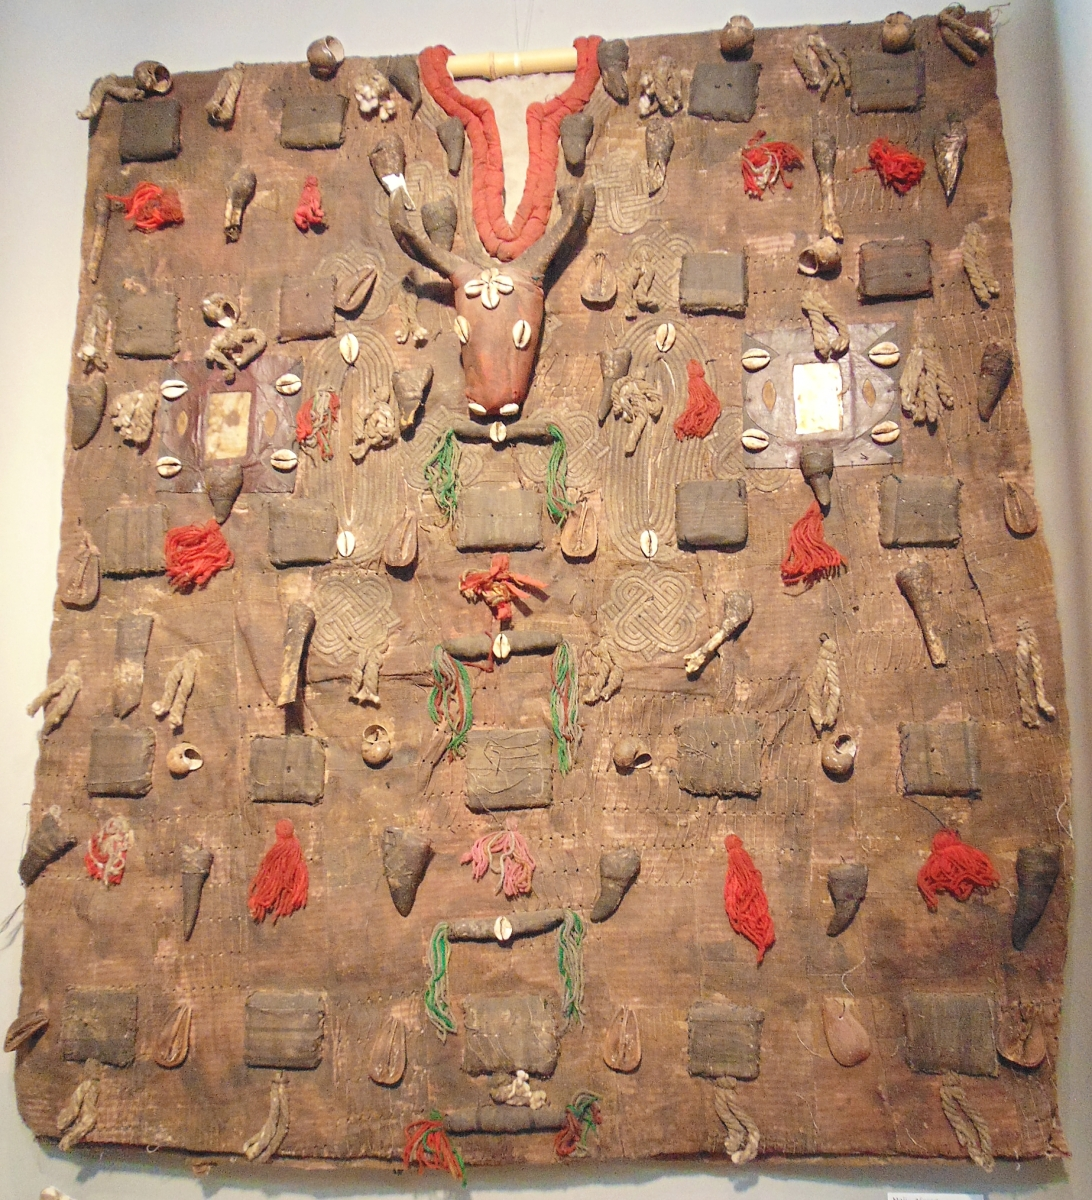 An African hunter's tunic, Bamana Dogan, Mali, offered by Natalie Pfau, Santa Fe for $1,200.